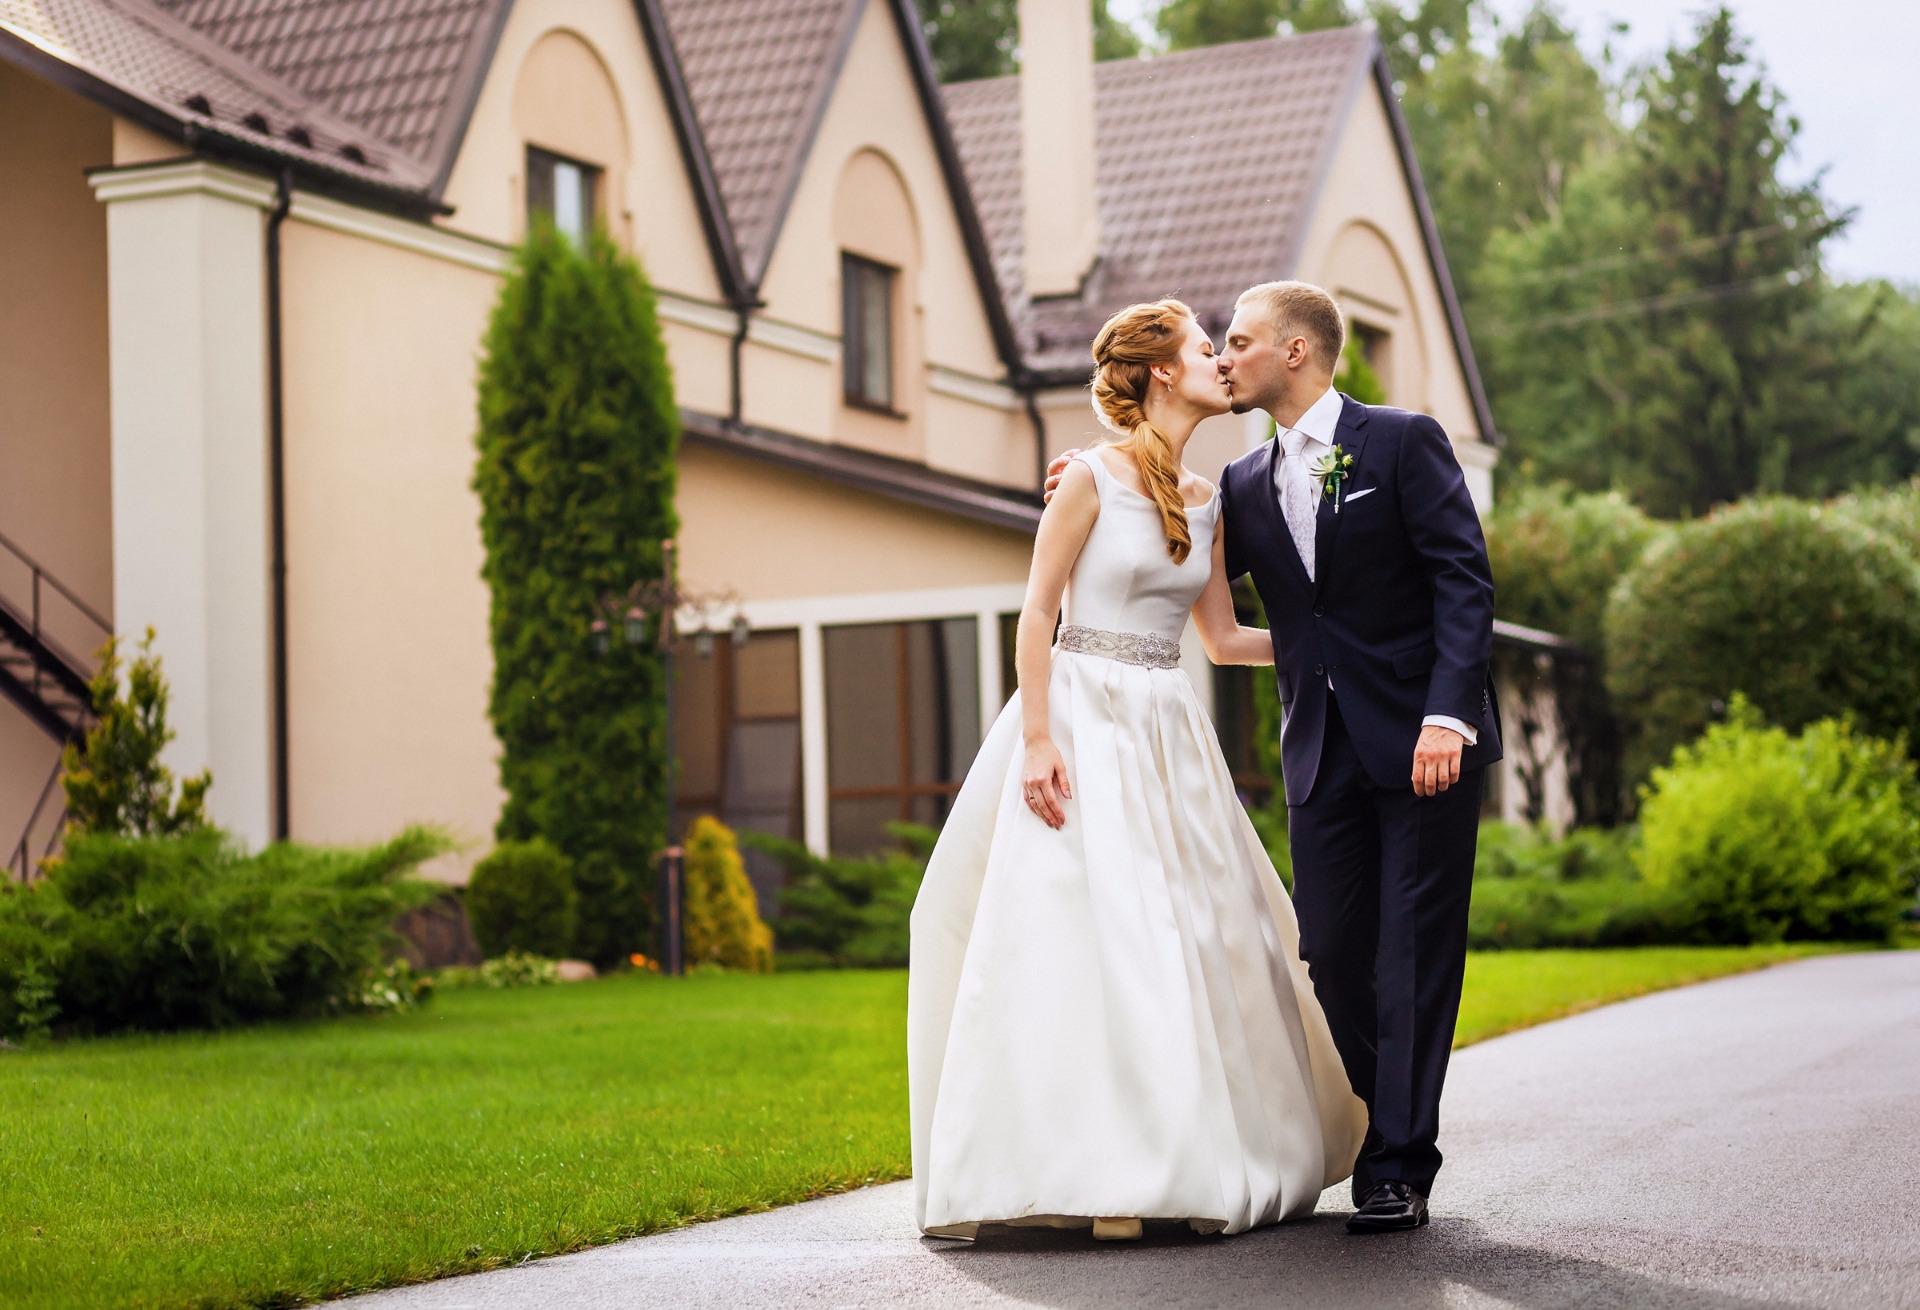 фотографы на свадьбу в минске включенном интернете